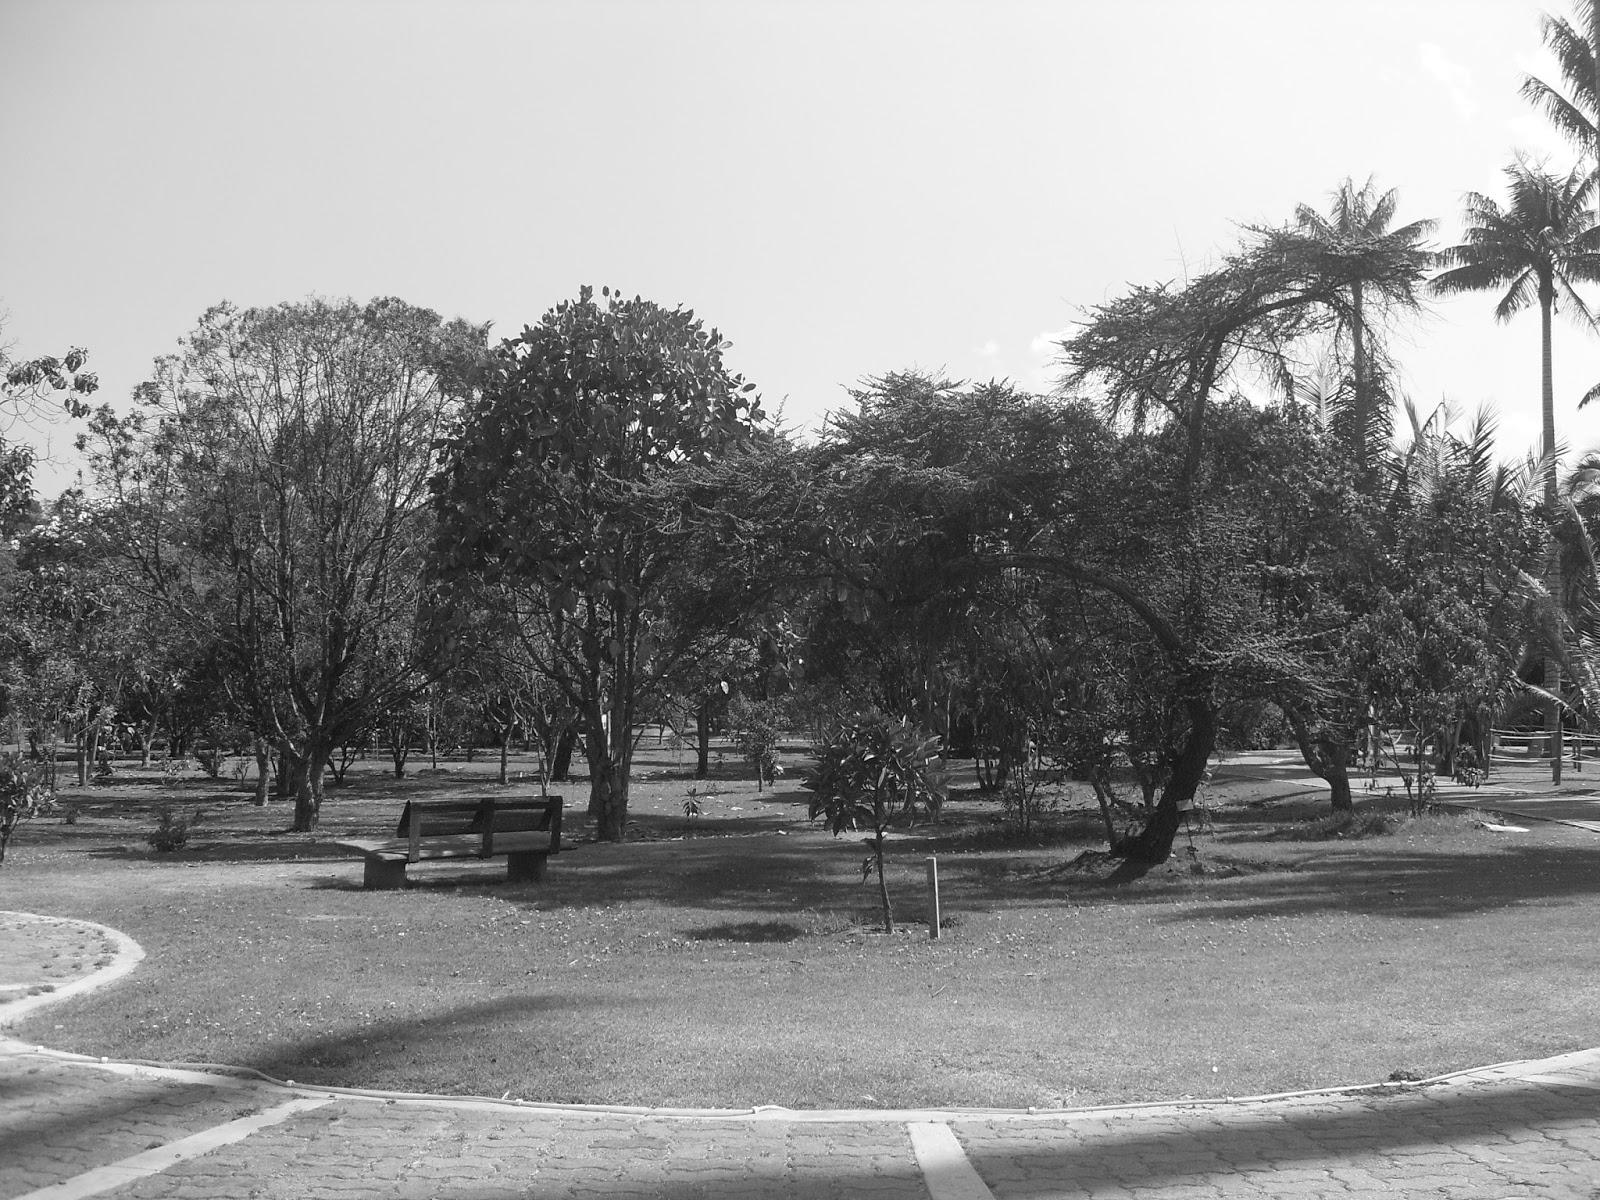 Imago y jard n bot nico en blanco y negro 2016 for Jardin botanico 2016